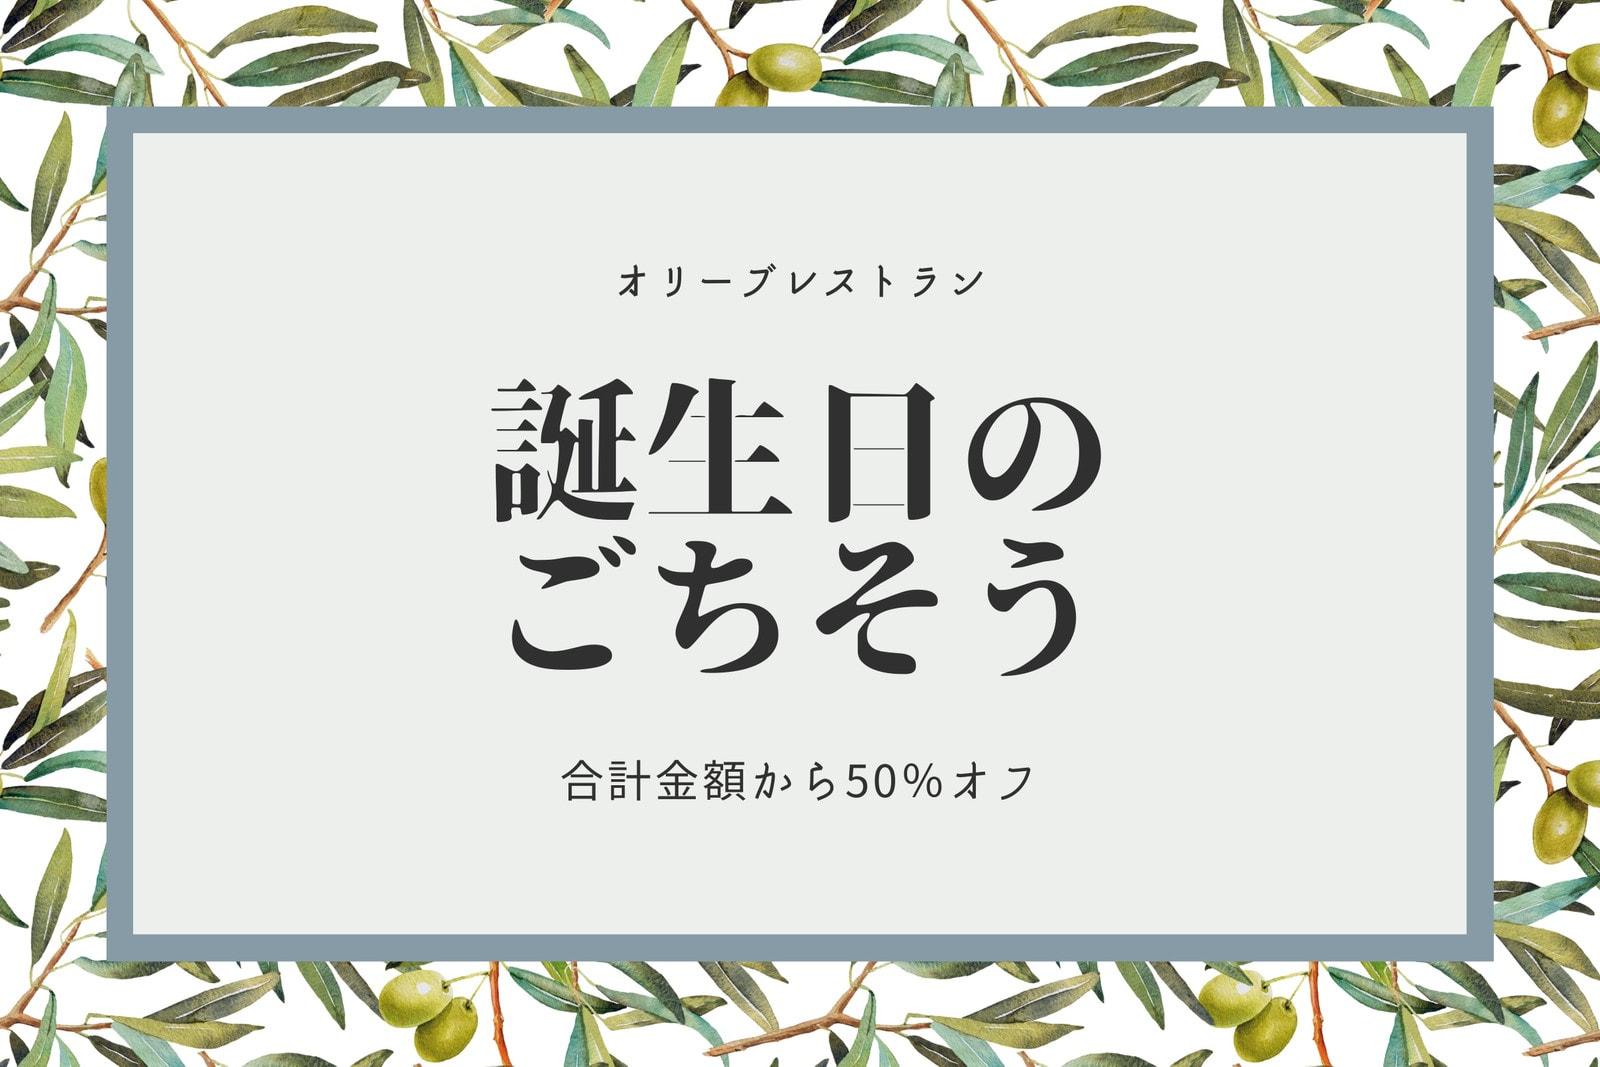 緑とオリーブ 植物 エレガント ディナー レストラン 誕生日ギフト券